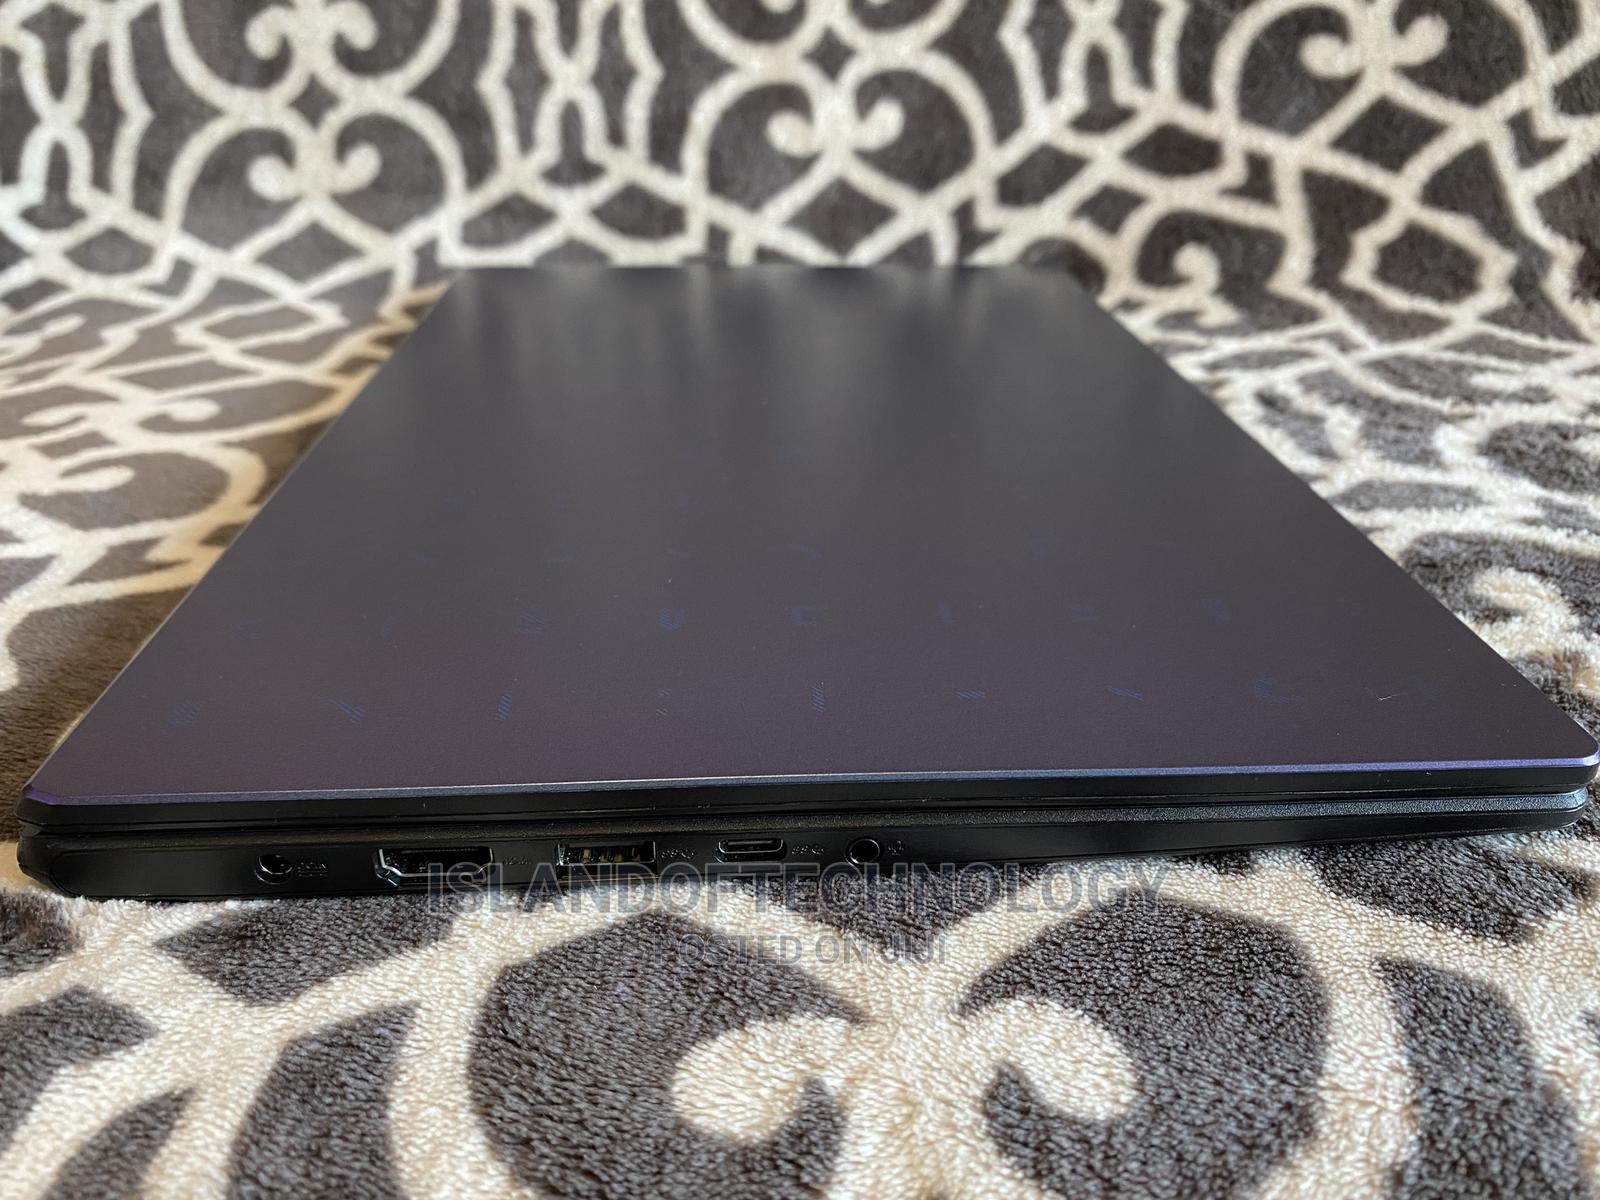 Laptop Asus 4GB Intel Celeron SSD 128GB | Laptops & Computers for sale in Mjini Magharibi, Zanzibar, Tanzania